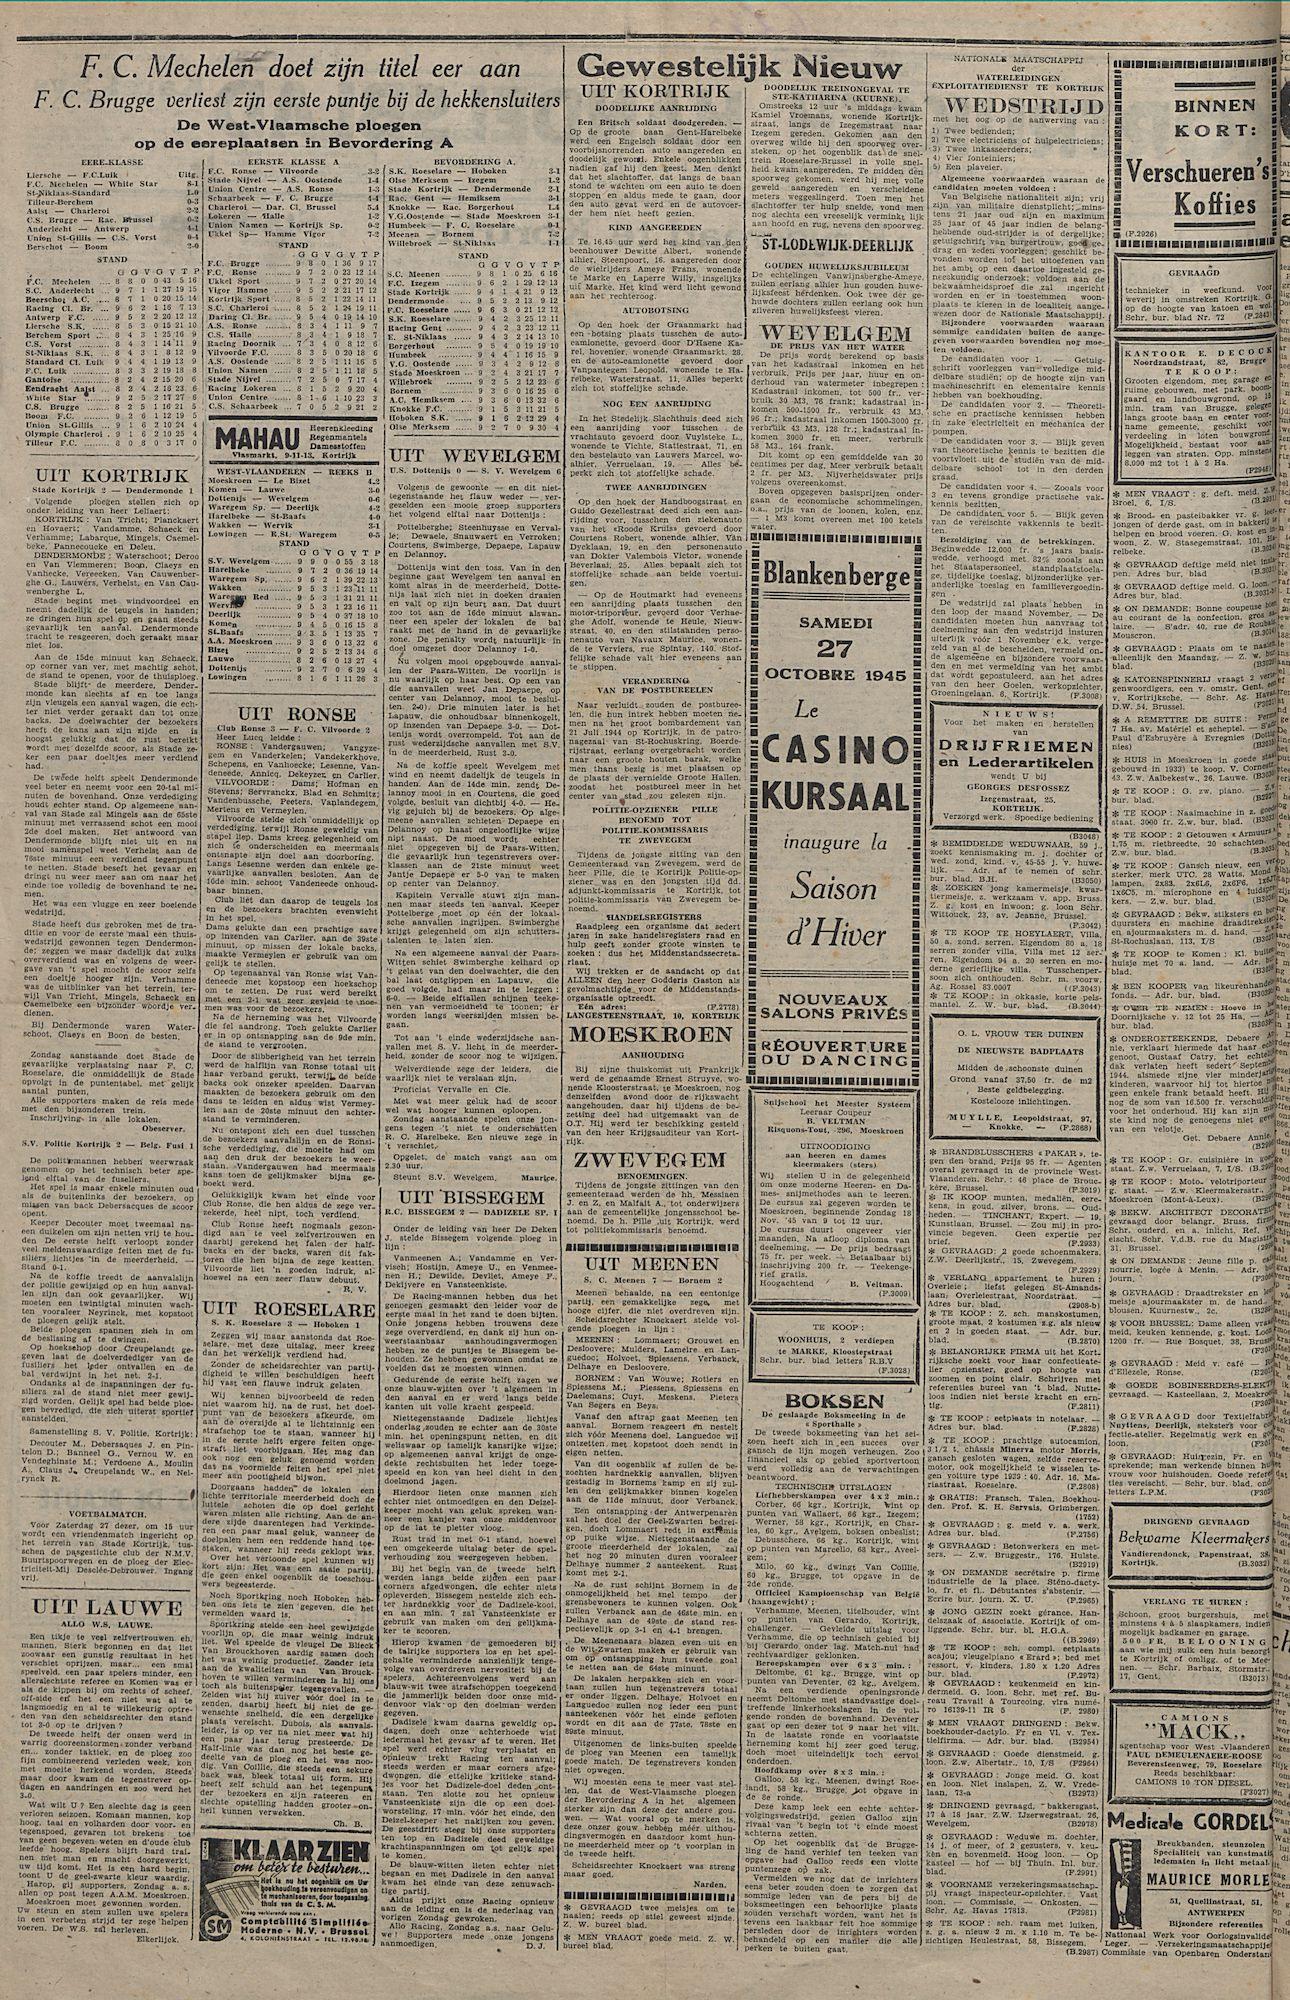 Kortrijksch Handelsblad 27 october 1945 Nr85 p2